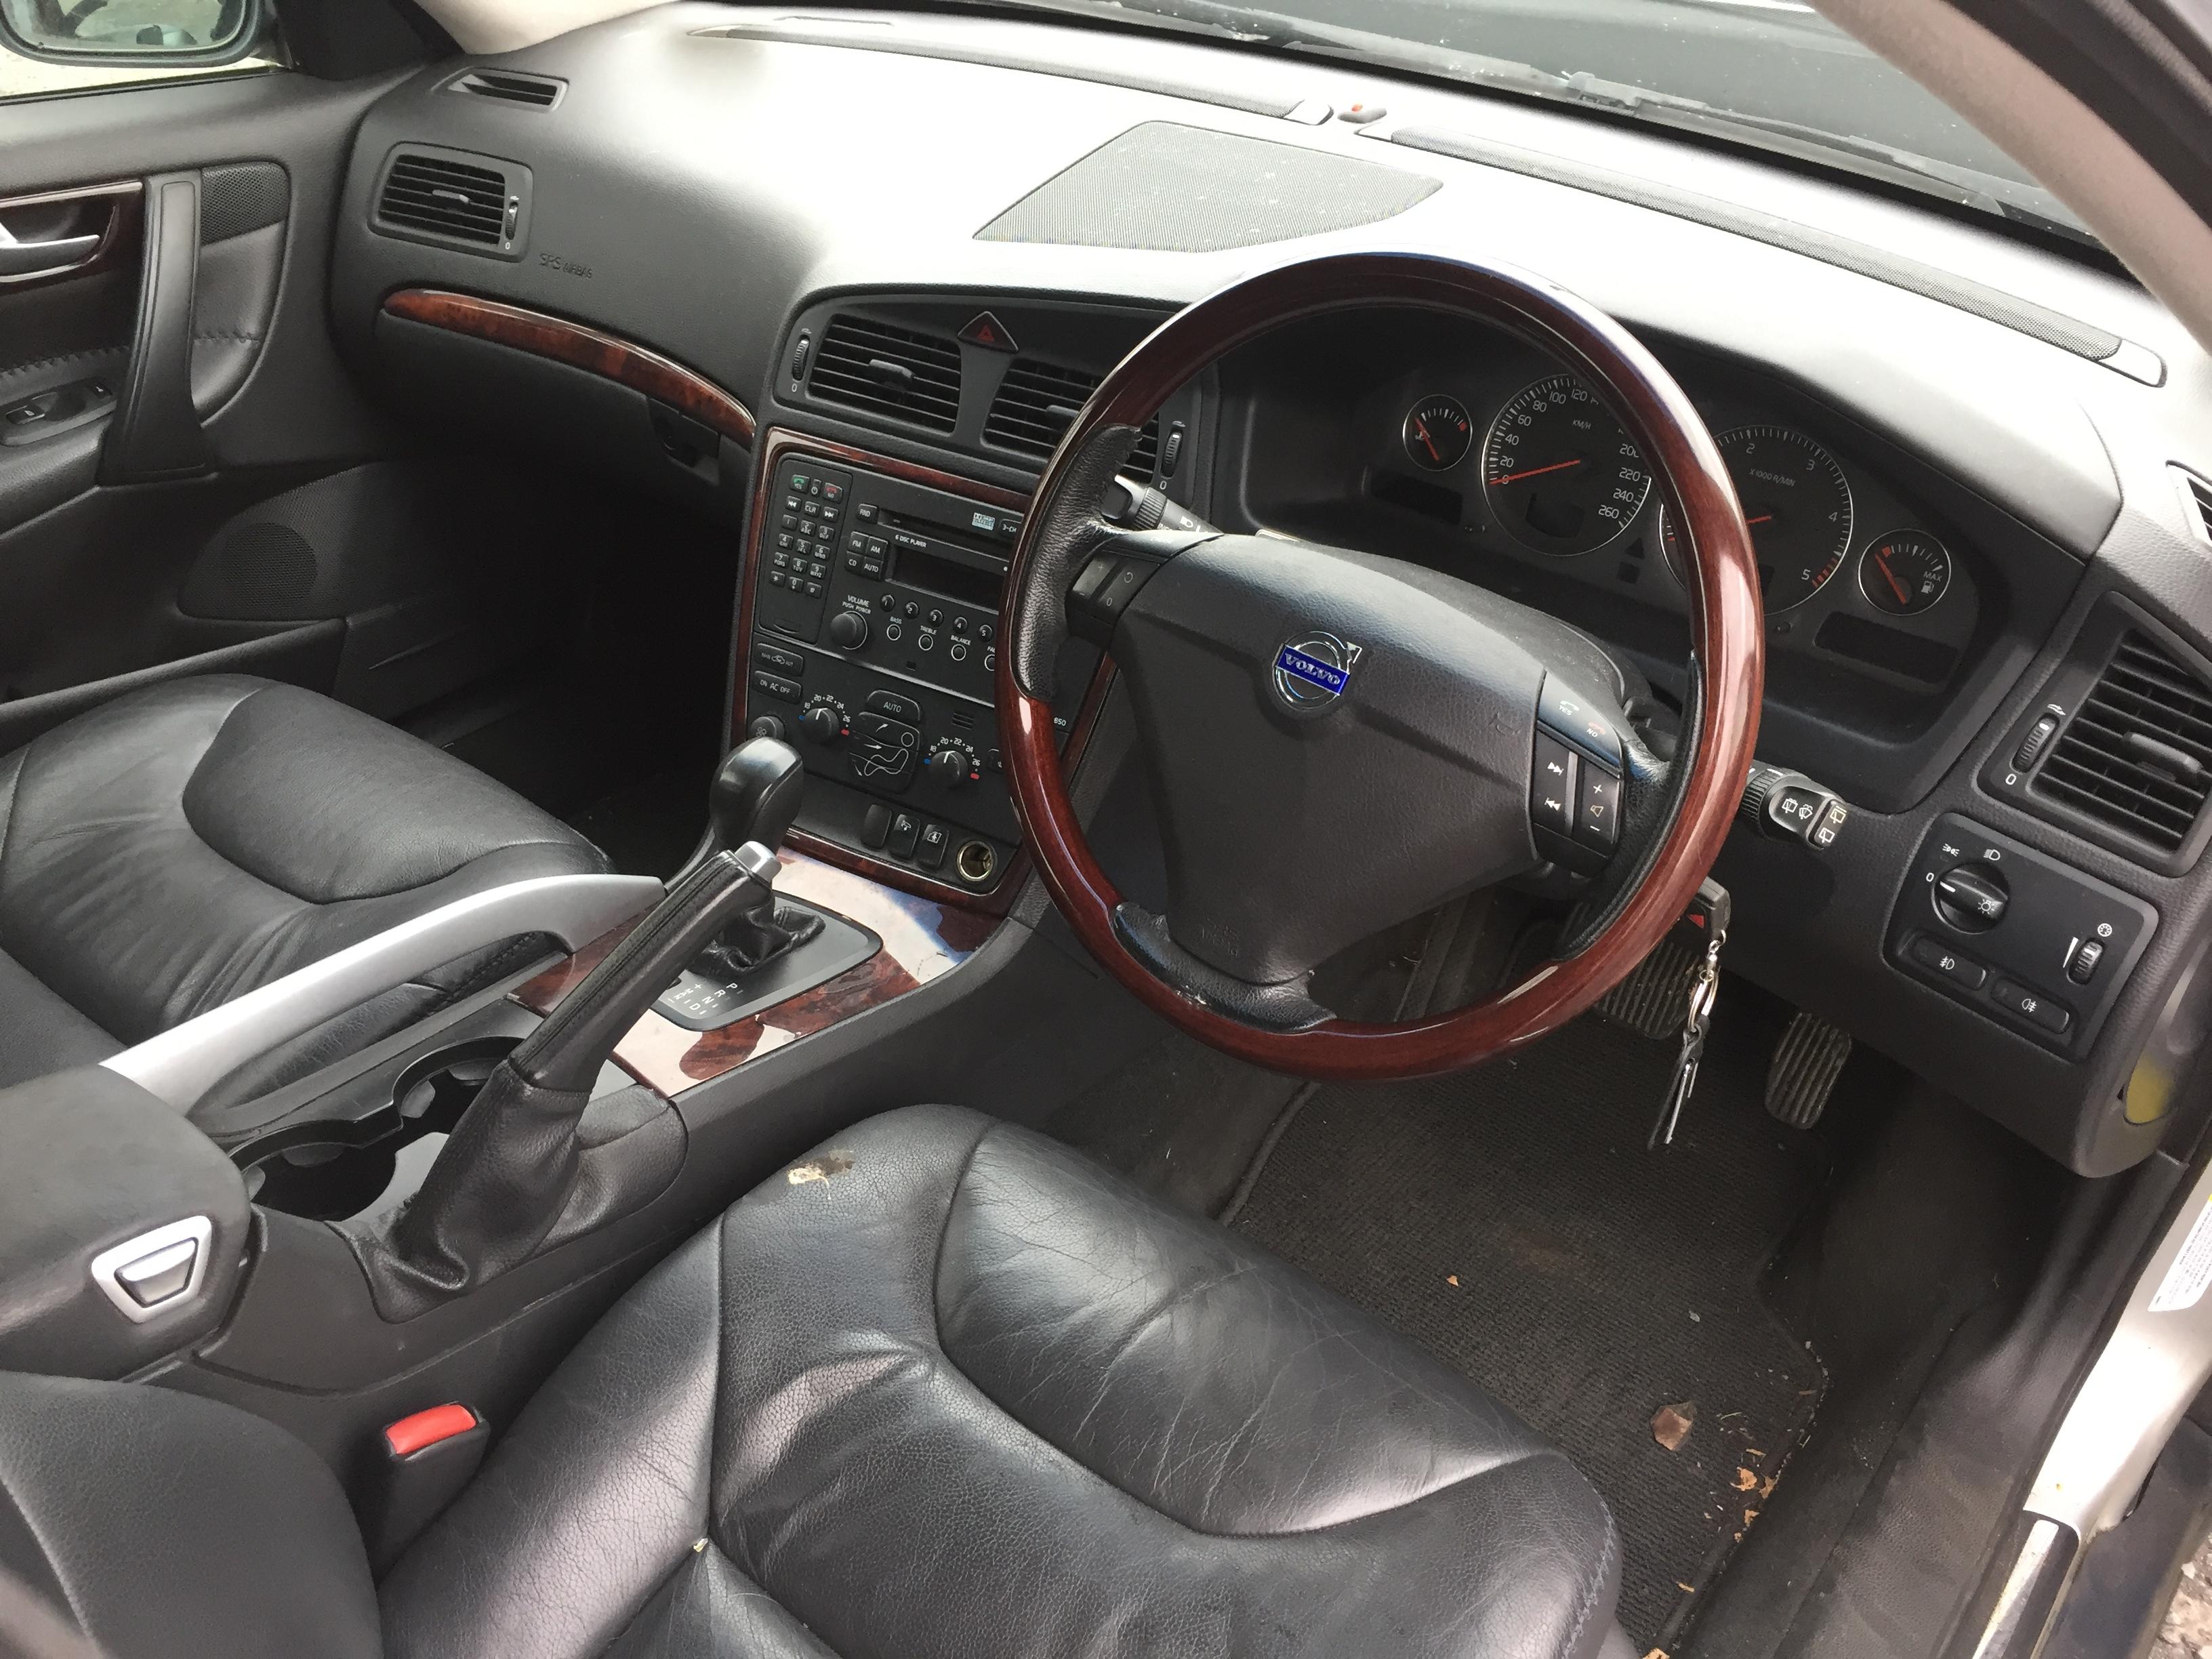 Volvo XC70 D5 2005